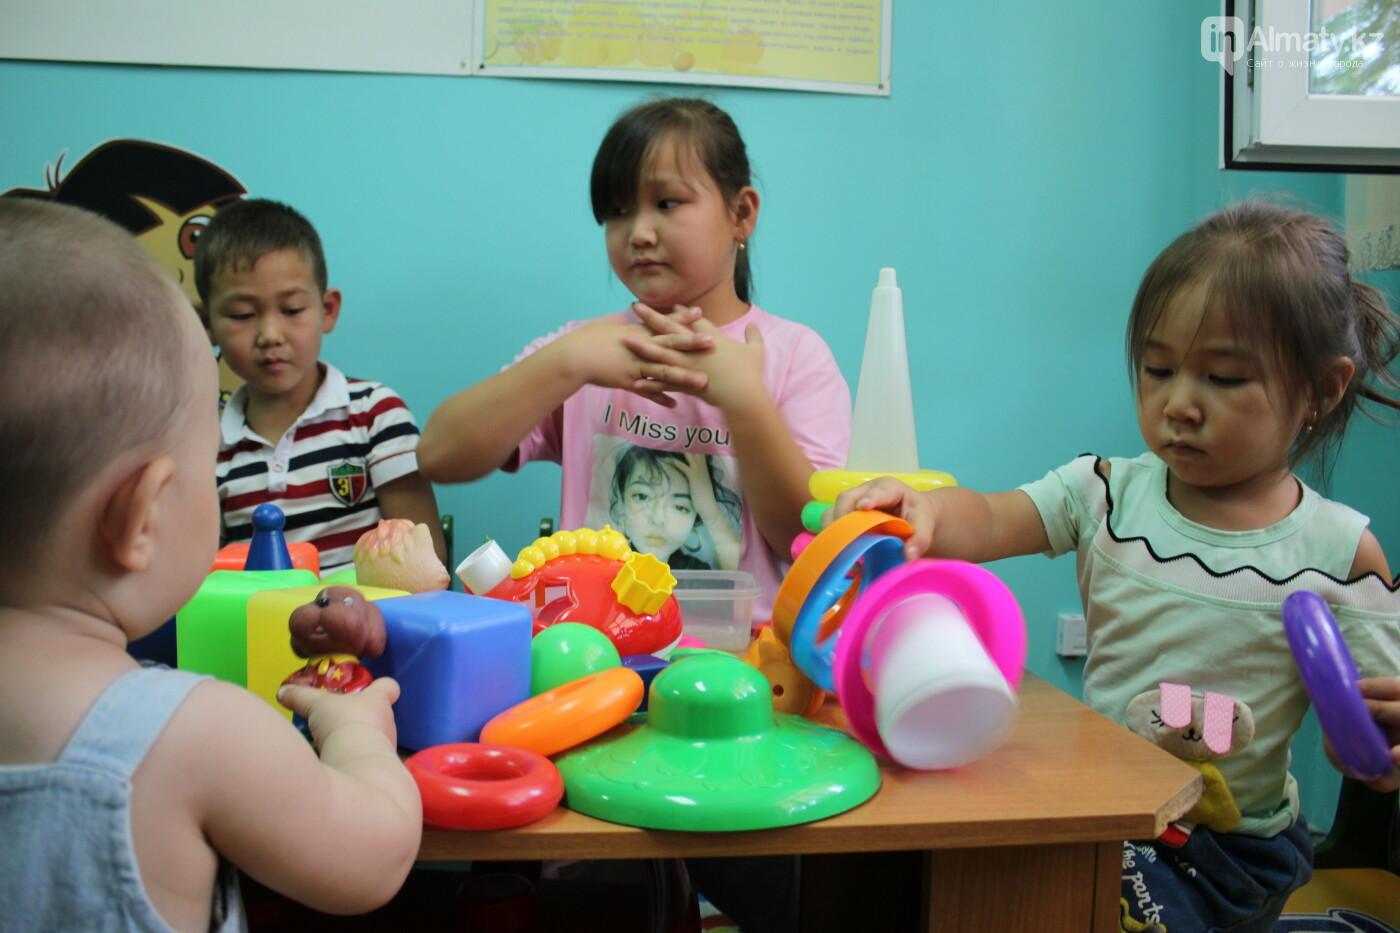 В Алматы врачи спасли малыша, поперхнувшегося сосательной конфетой, фото-4